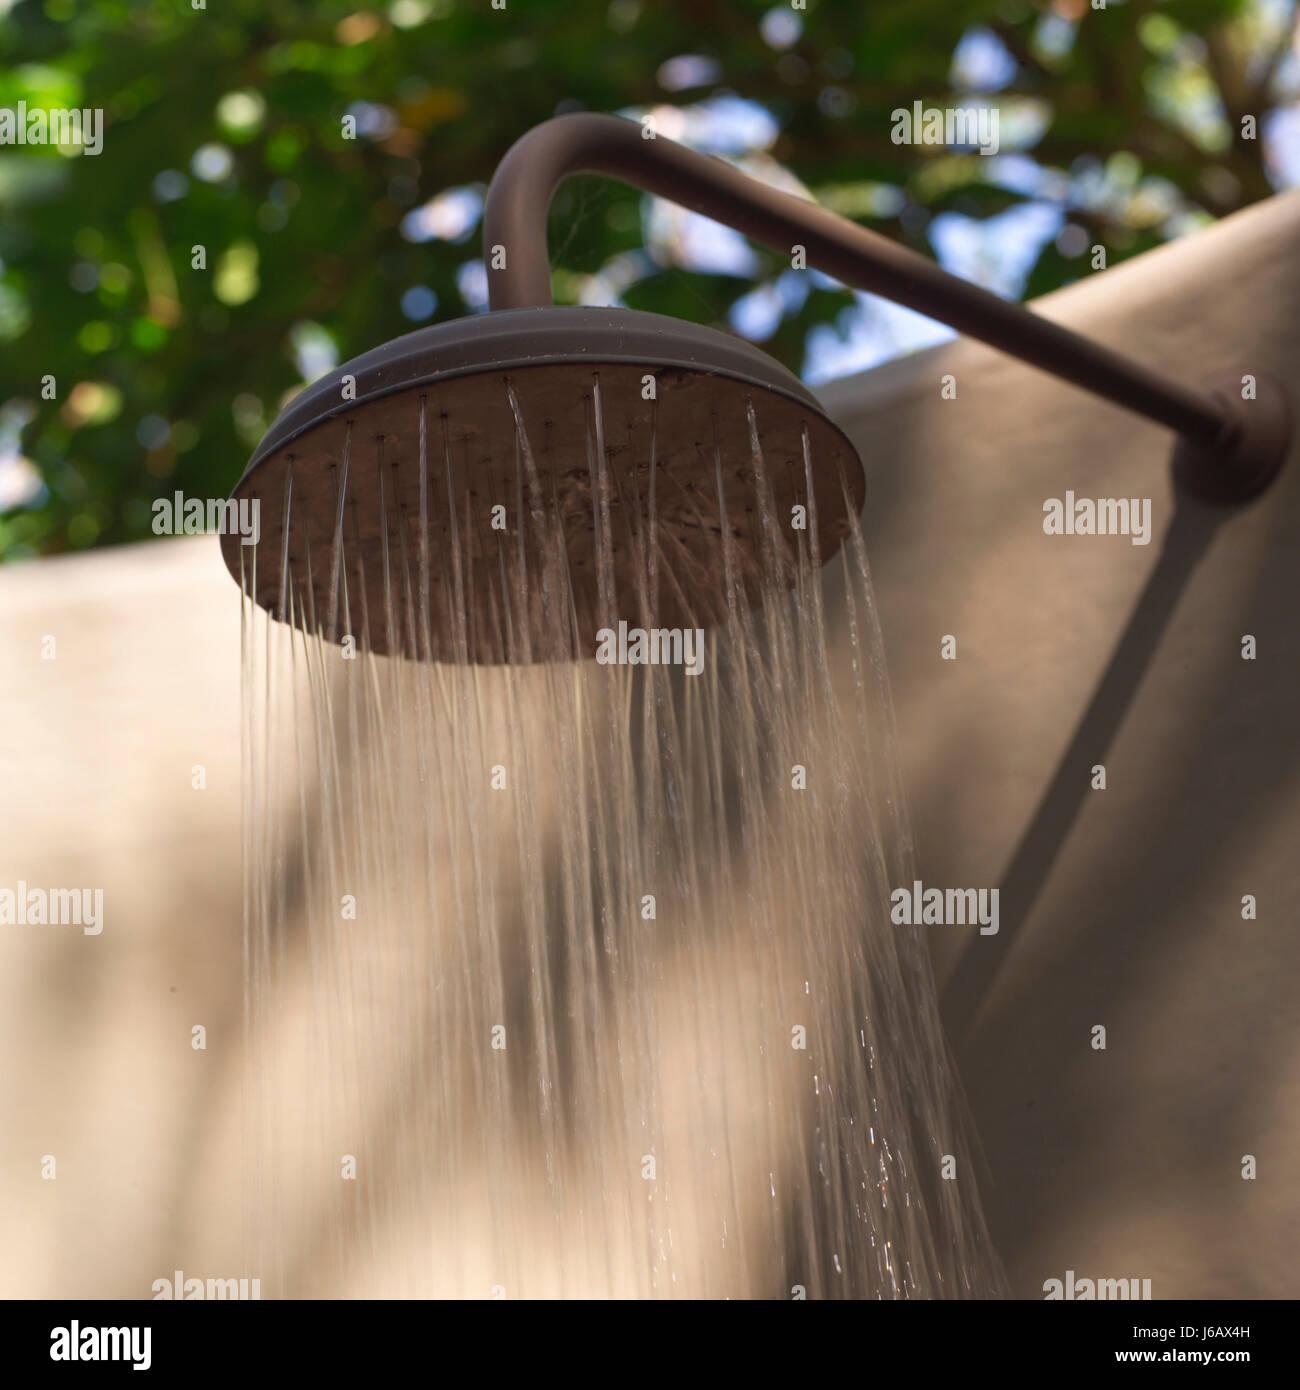 flow showers central america shower drip shower head spout faucet ...